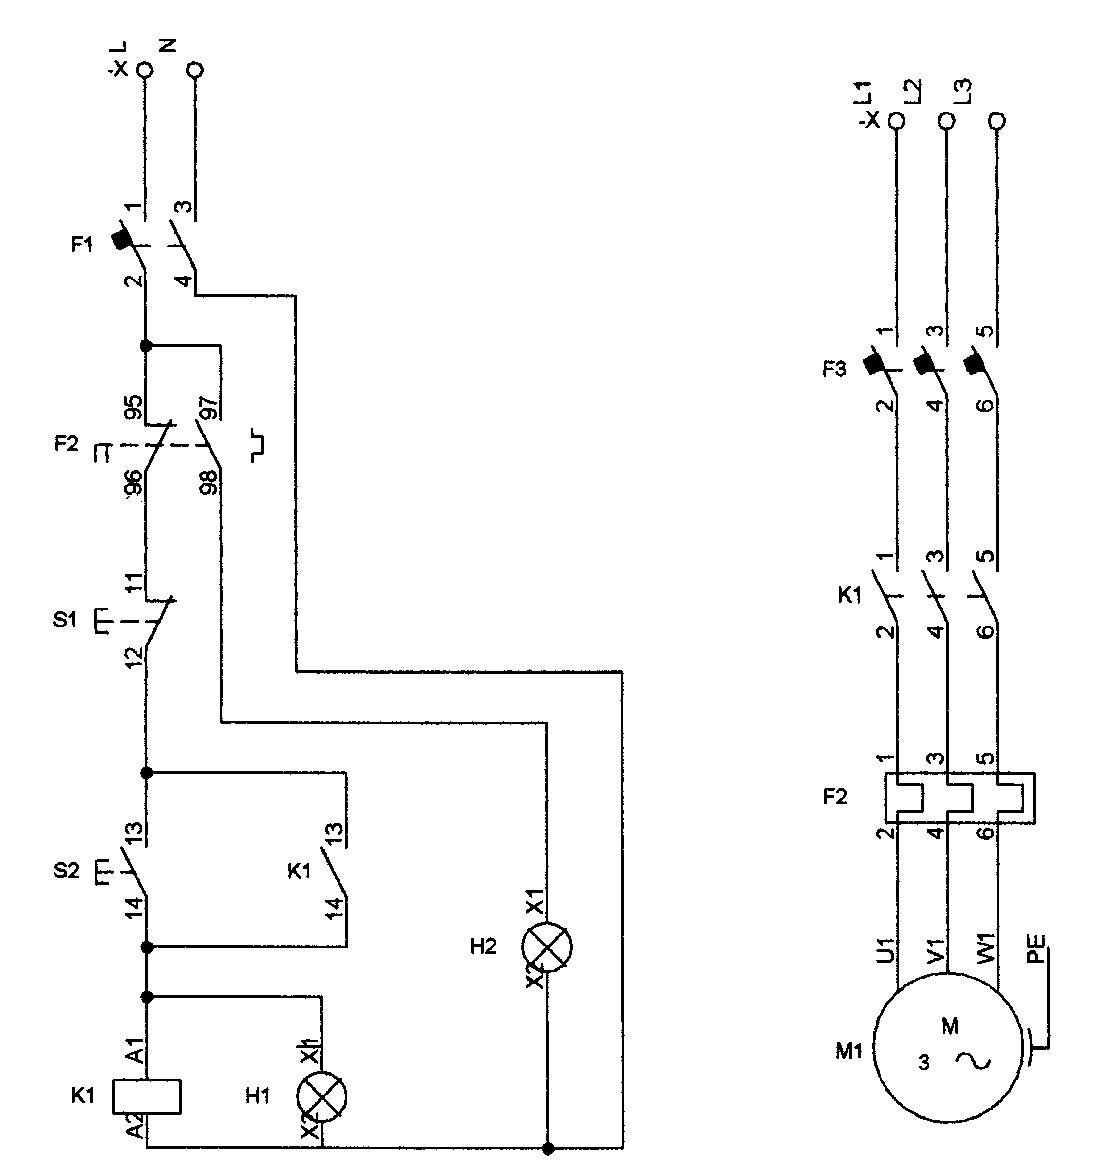 f2 diagrama del motor